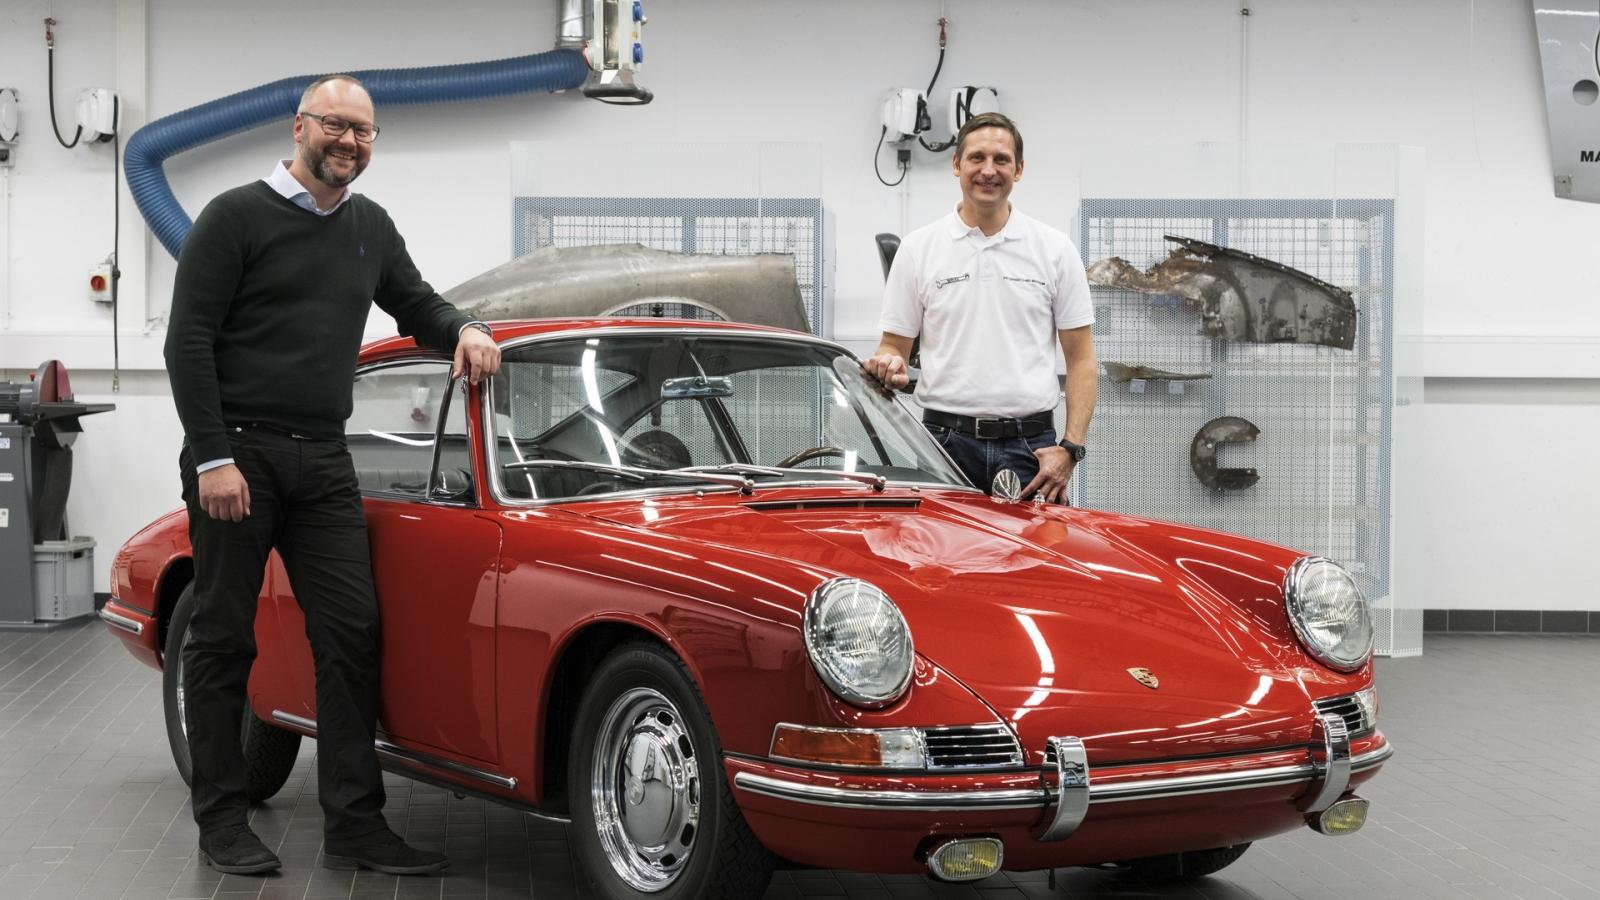 Porsche phát triển nhà máy nhiên liệu điện tử carbon thấp ở Chile